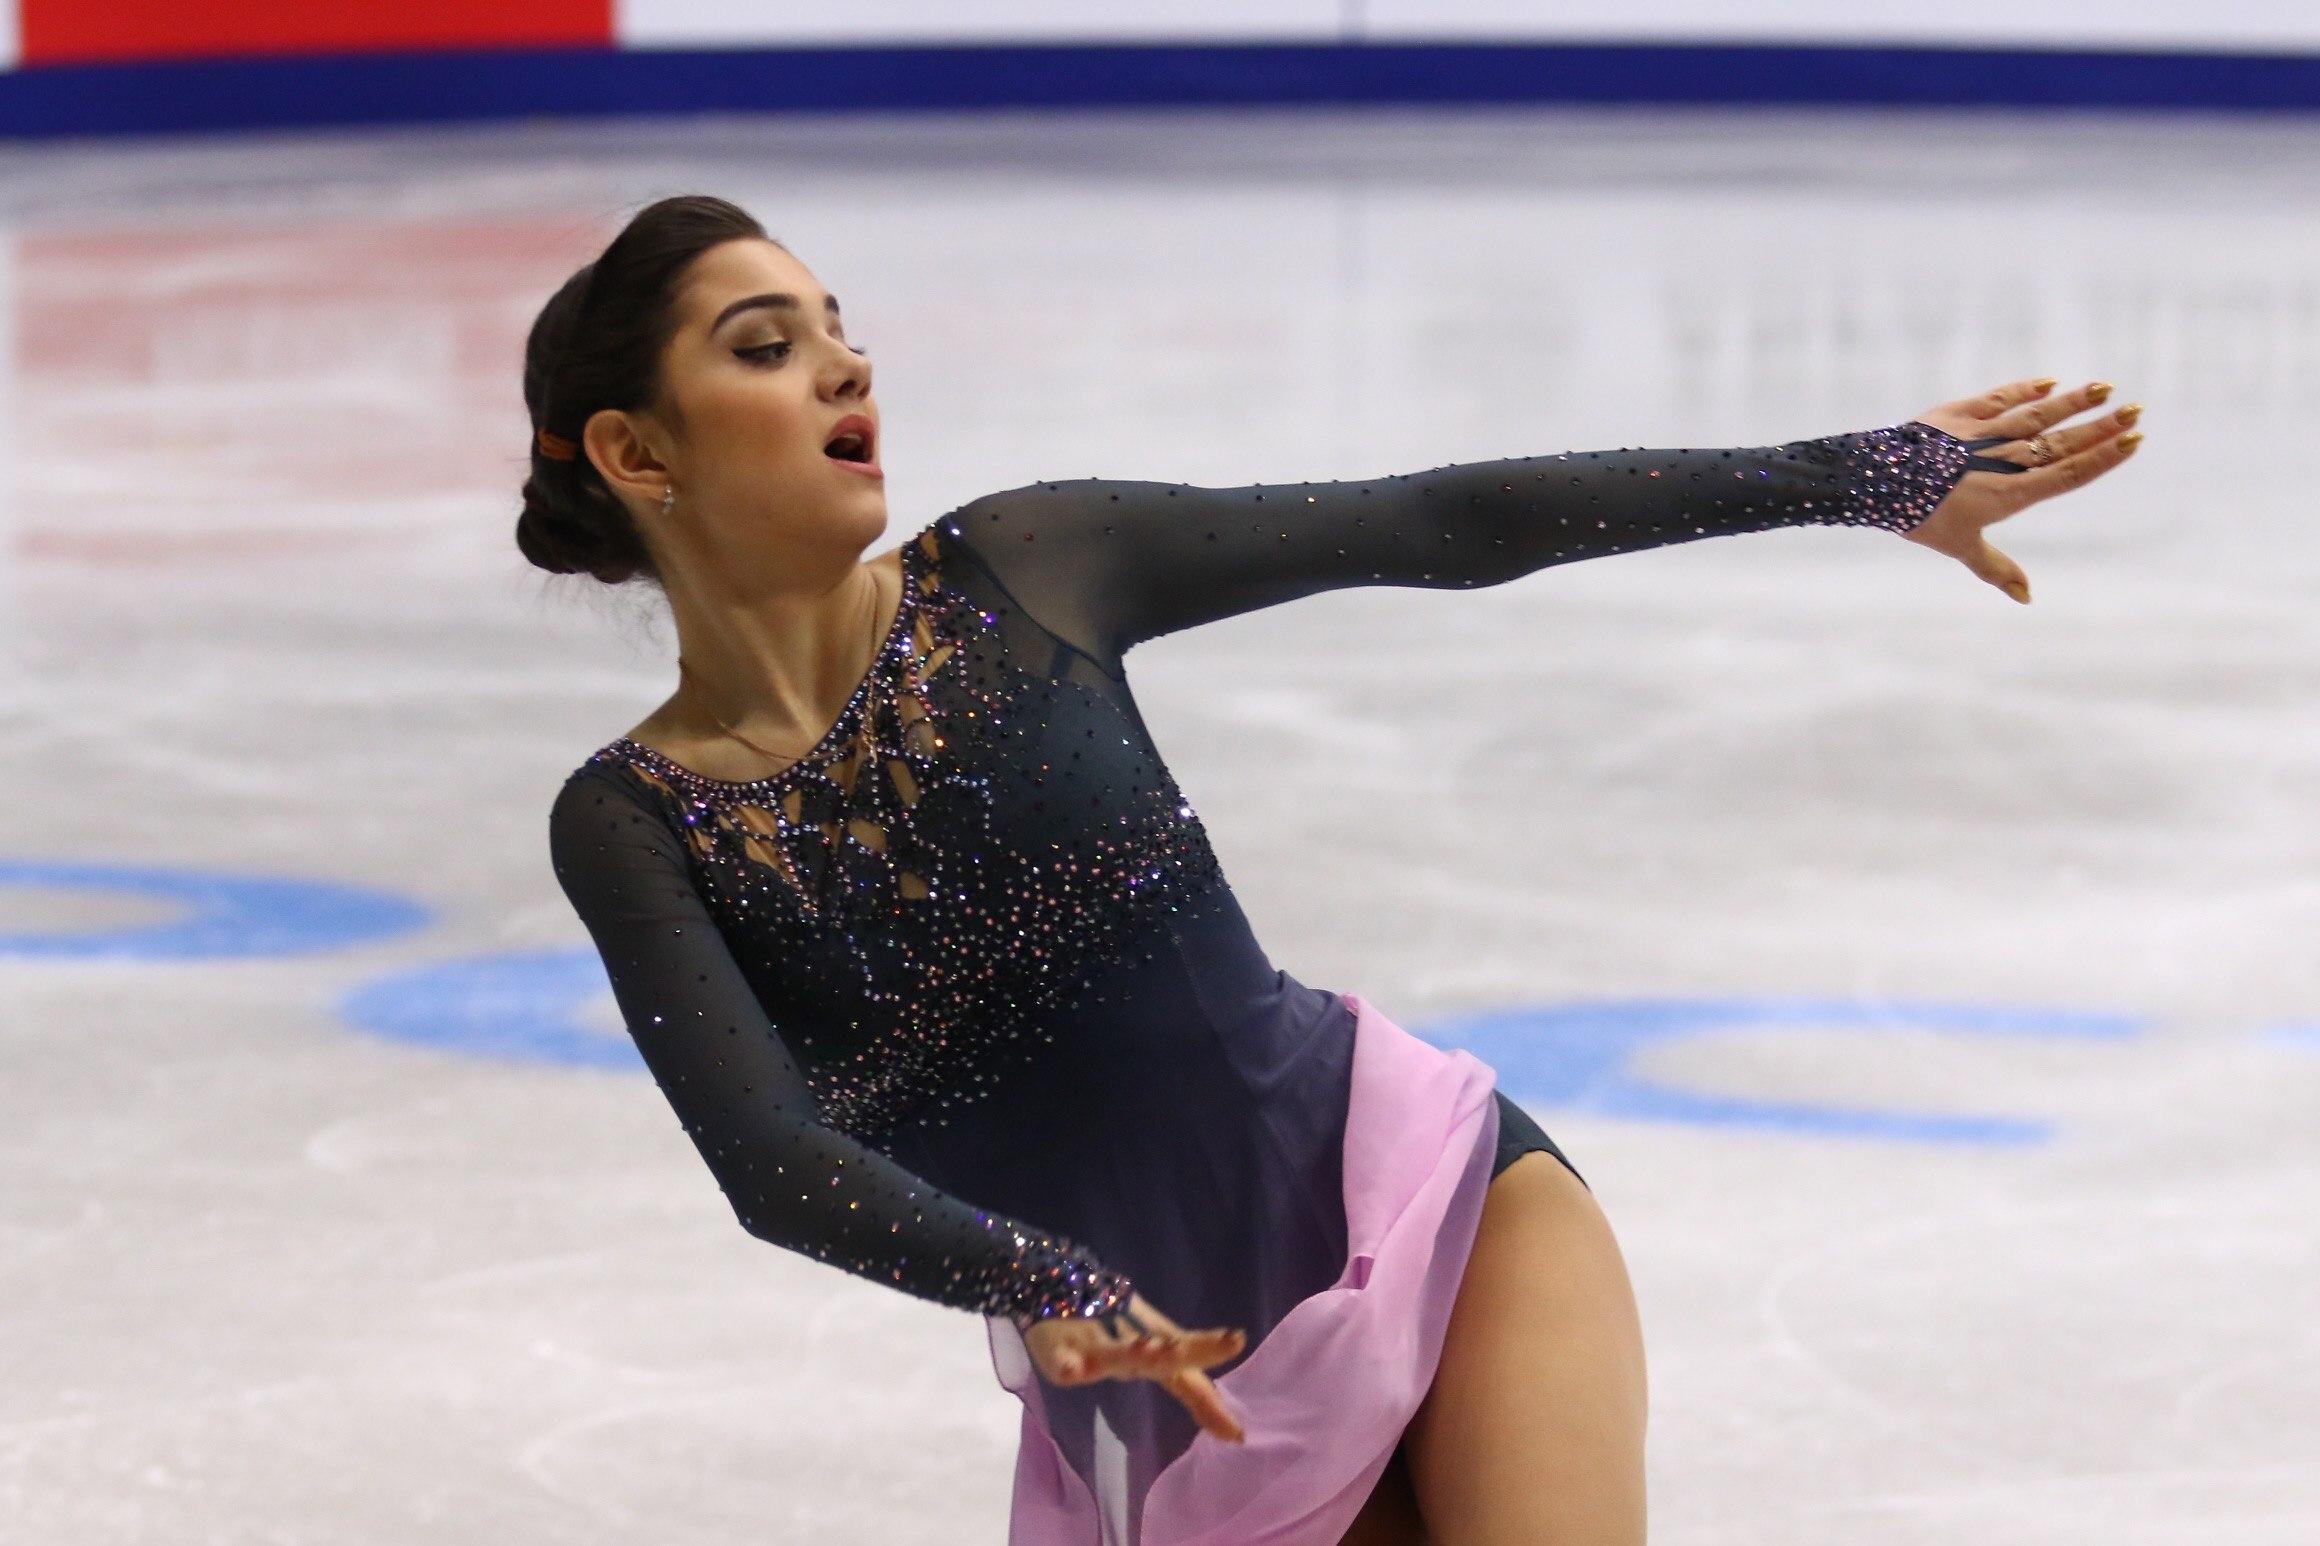 Евгения Медведева - чемпионка России (26.12.2016)